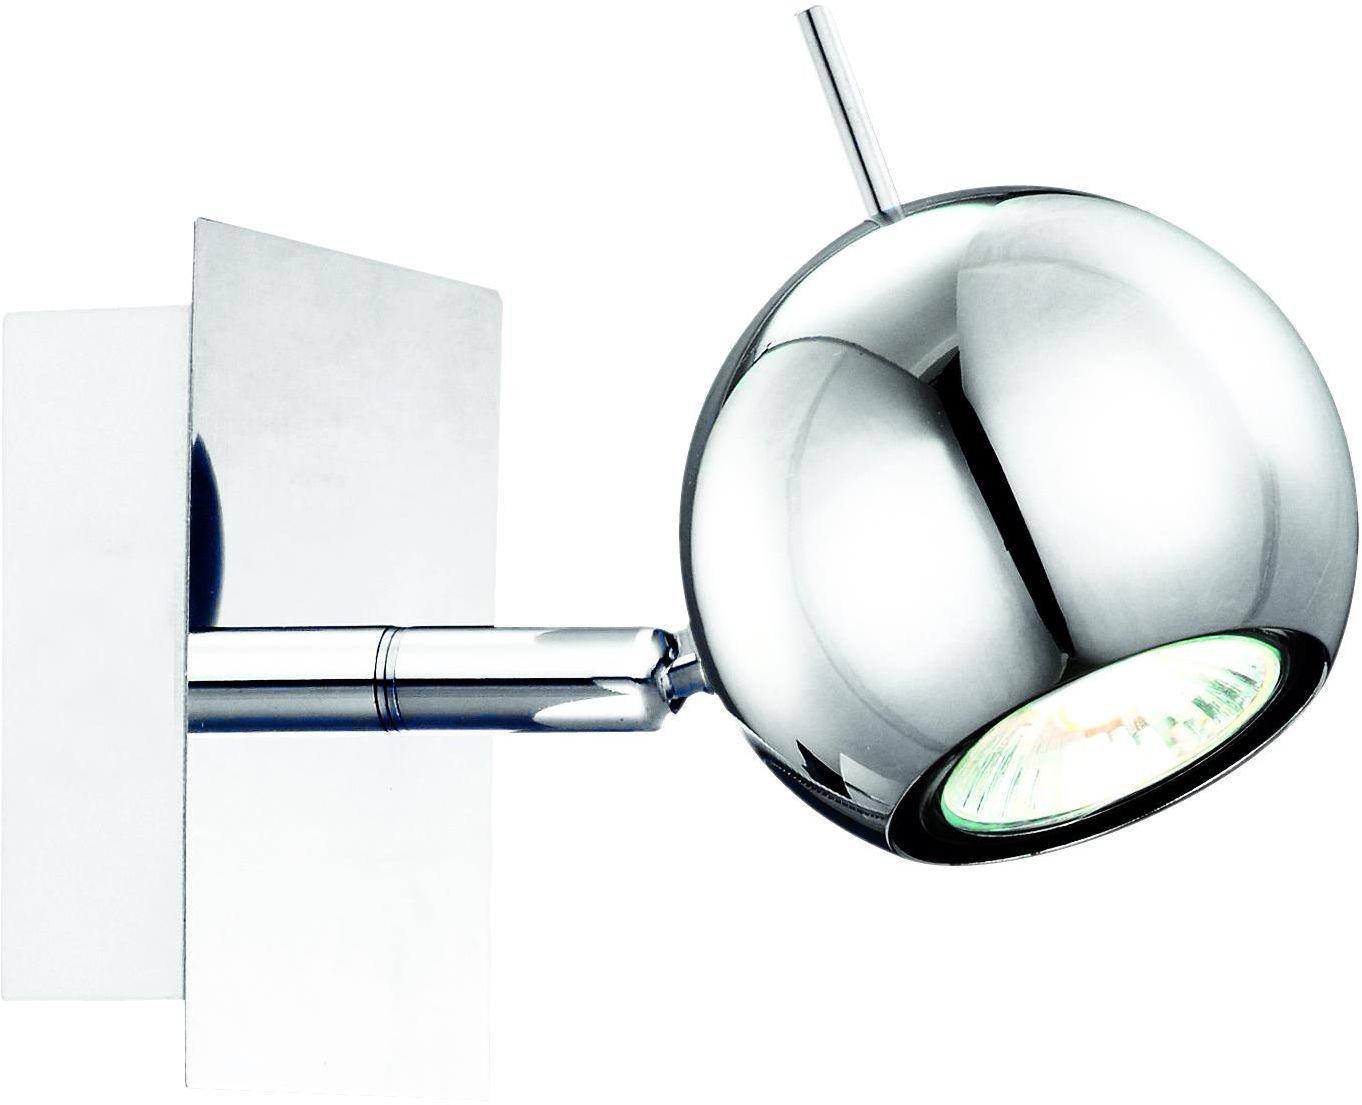 Lampex Vigo 501/1 kinkiet lampa ścienna nowoczesna okrągły chromowany reflektor 1x50W GU10 10cm